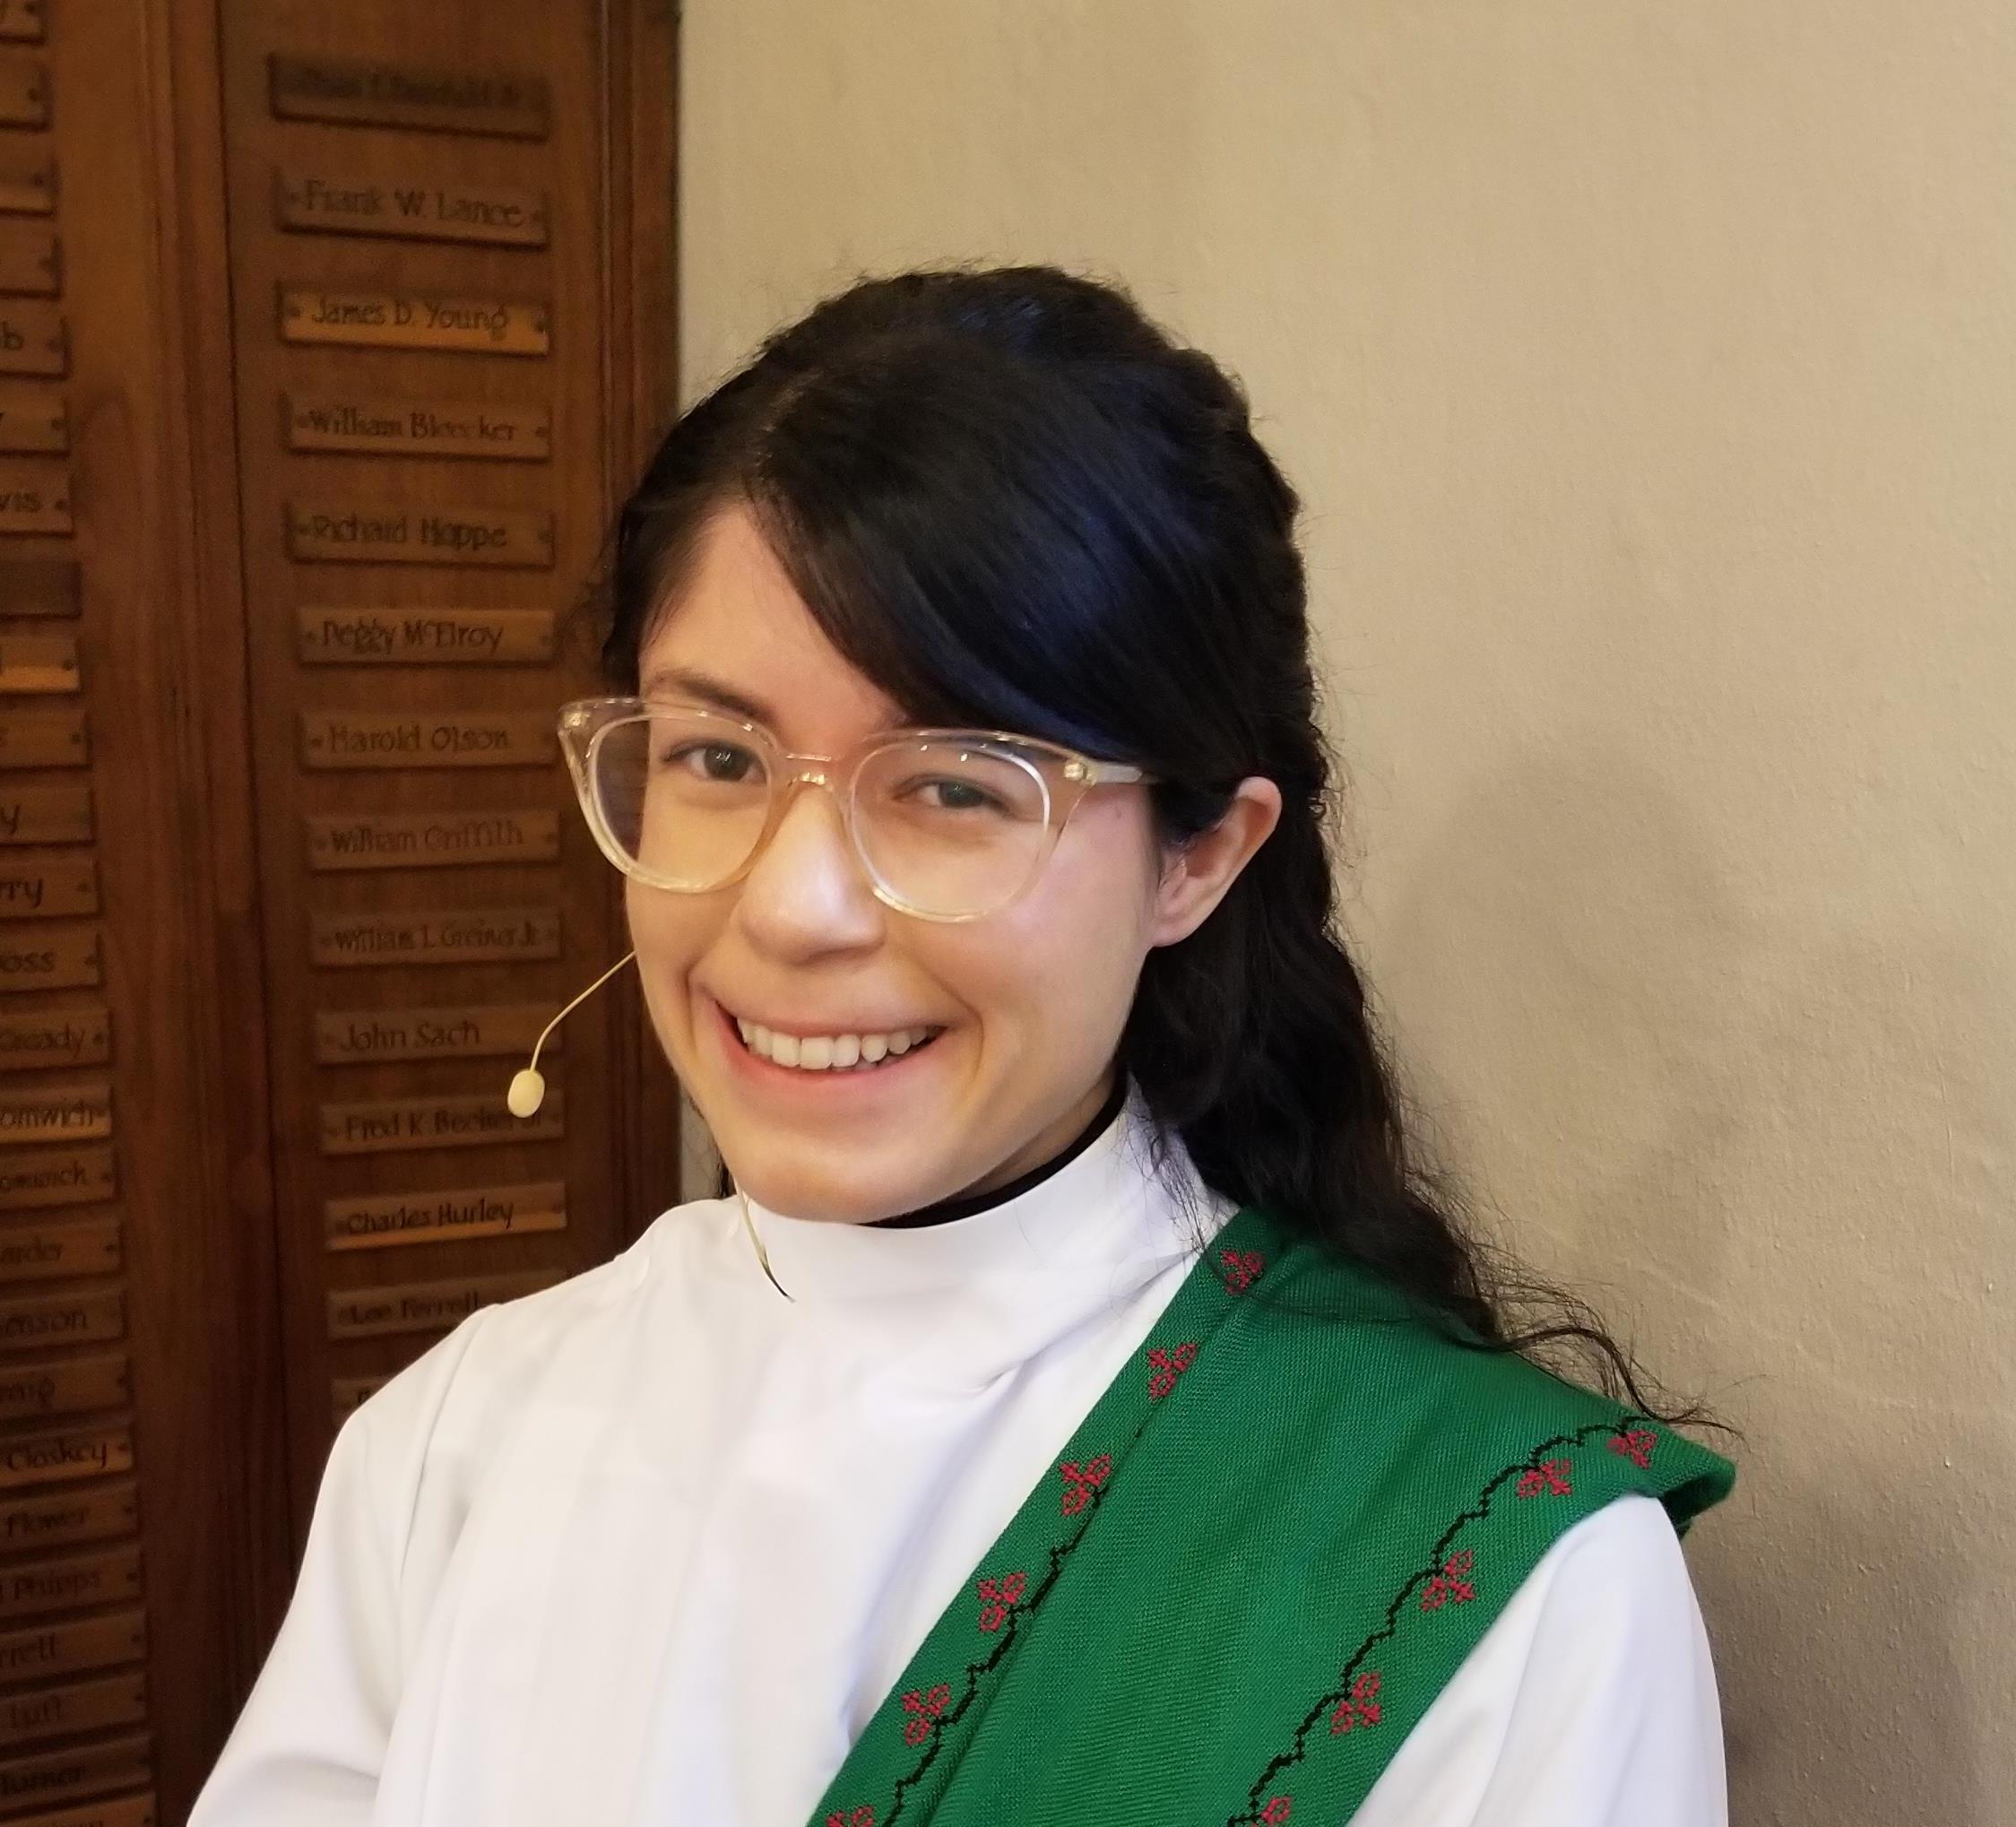 Rev. Laura Di Panfilo